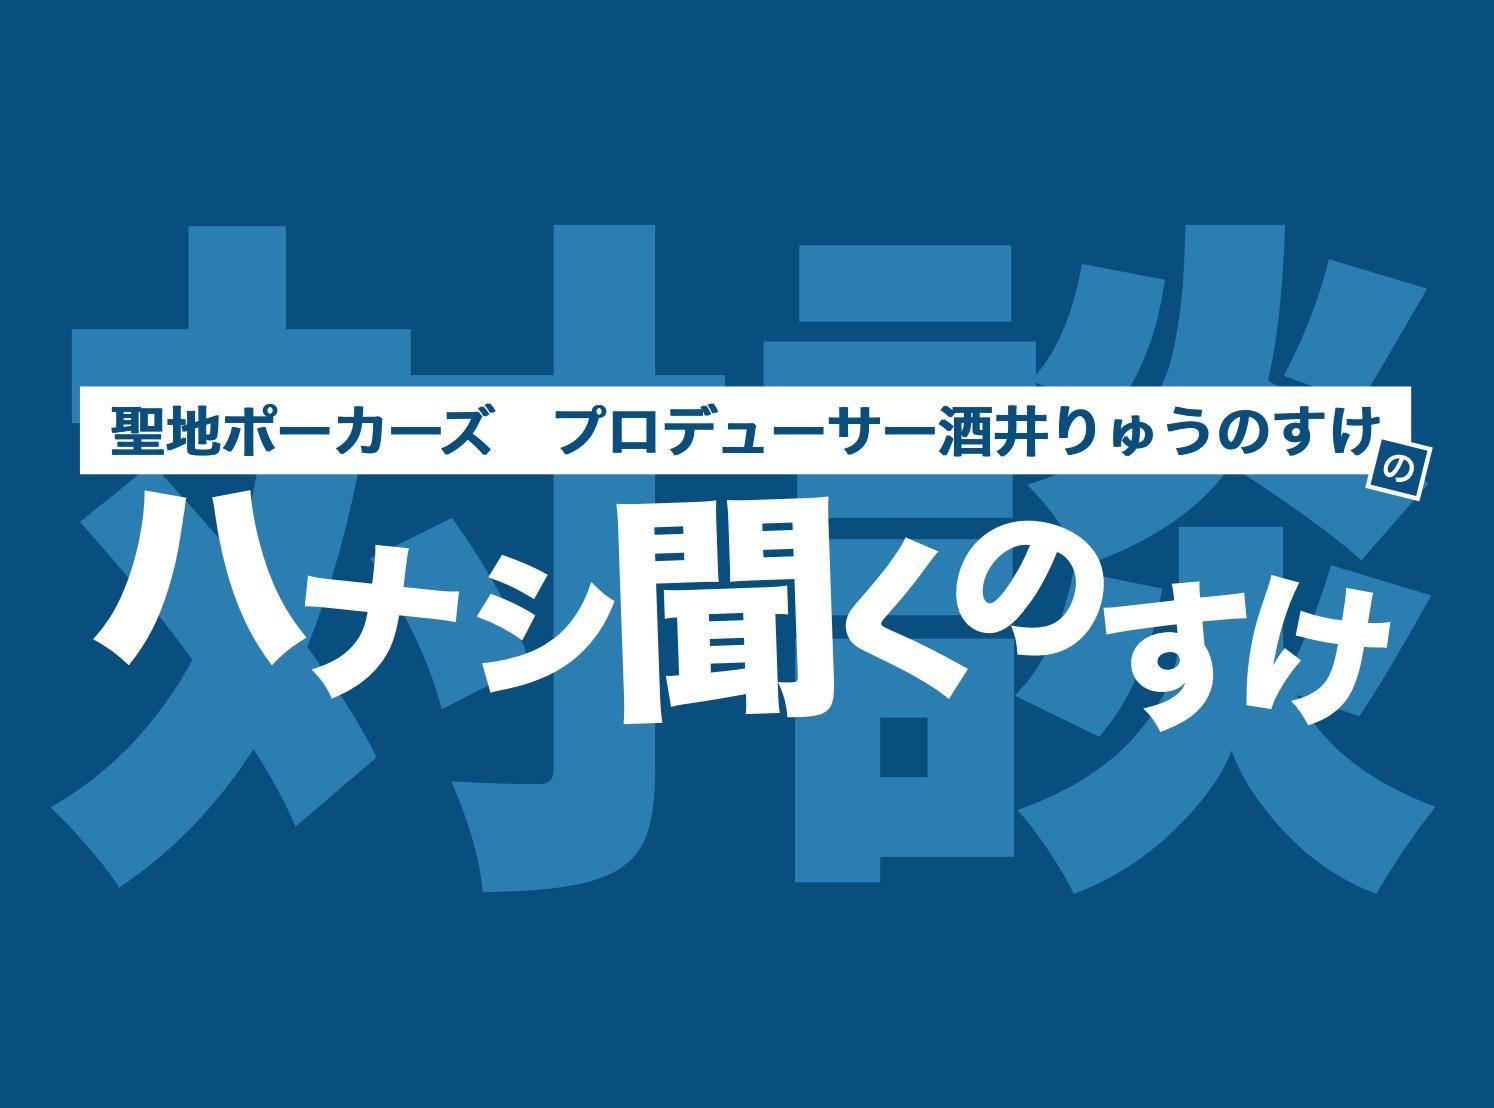 プロデューサー酒井りゅうのすけの「ハナシ聞くのすけ-ゲスト:榎原伊知良」